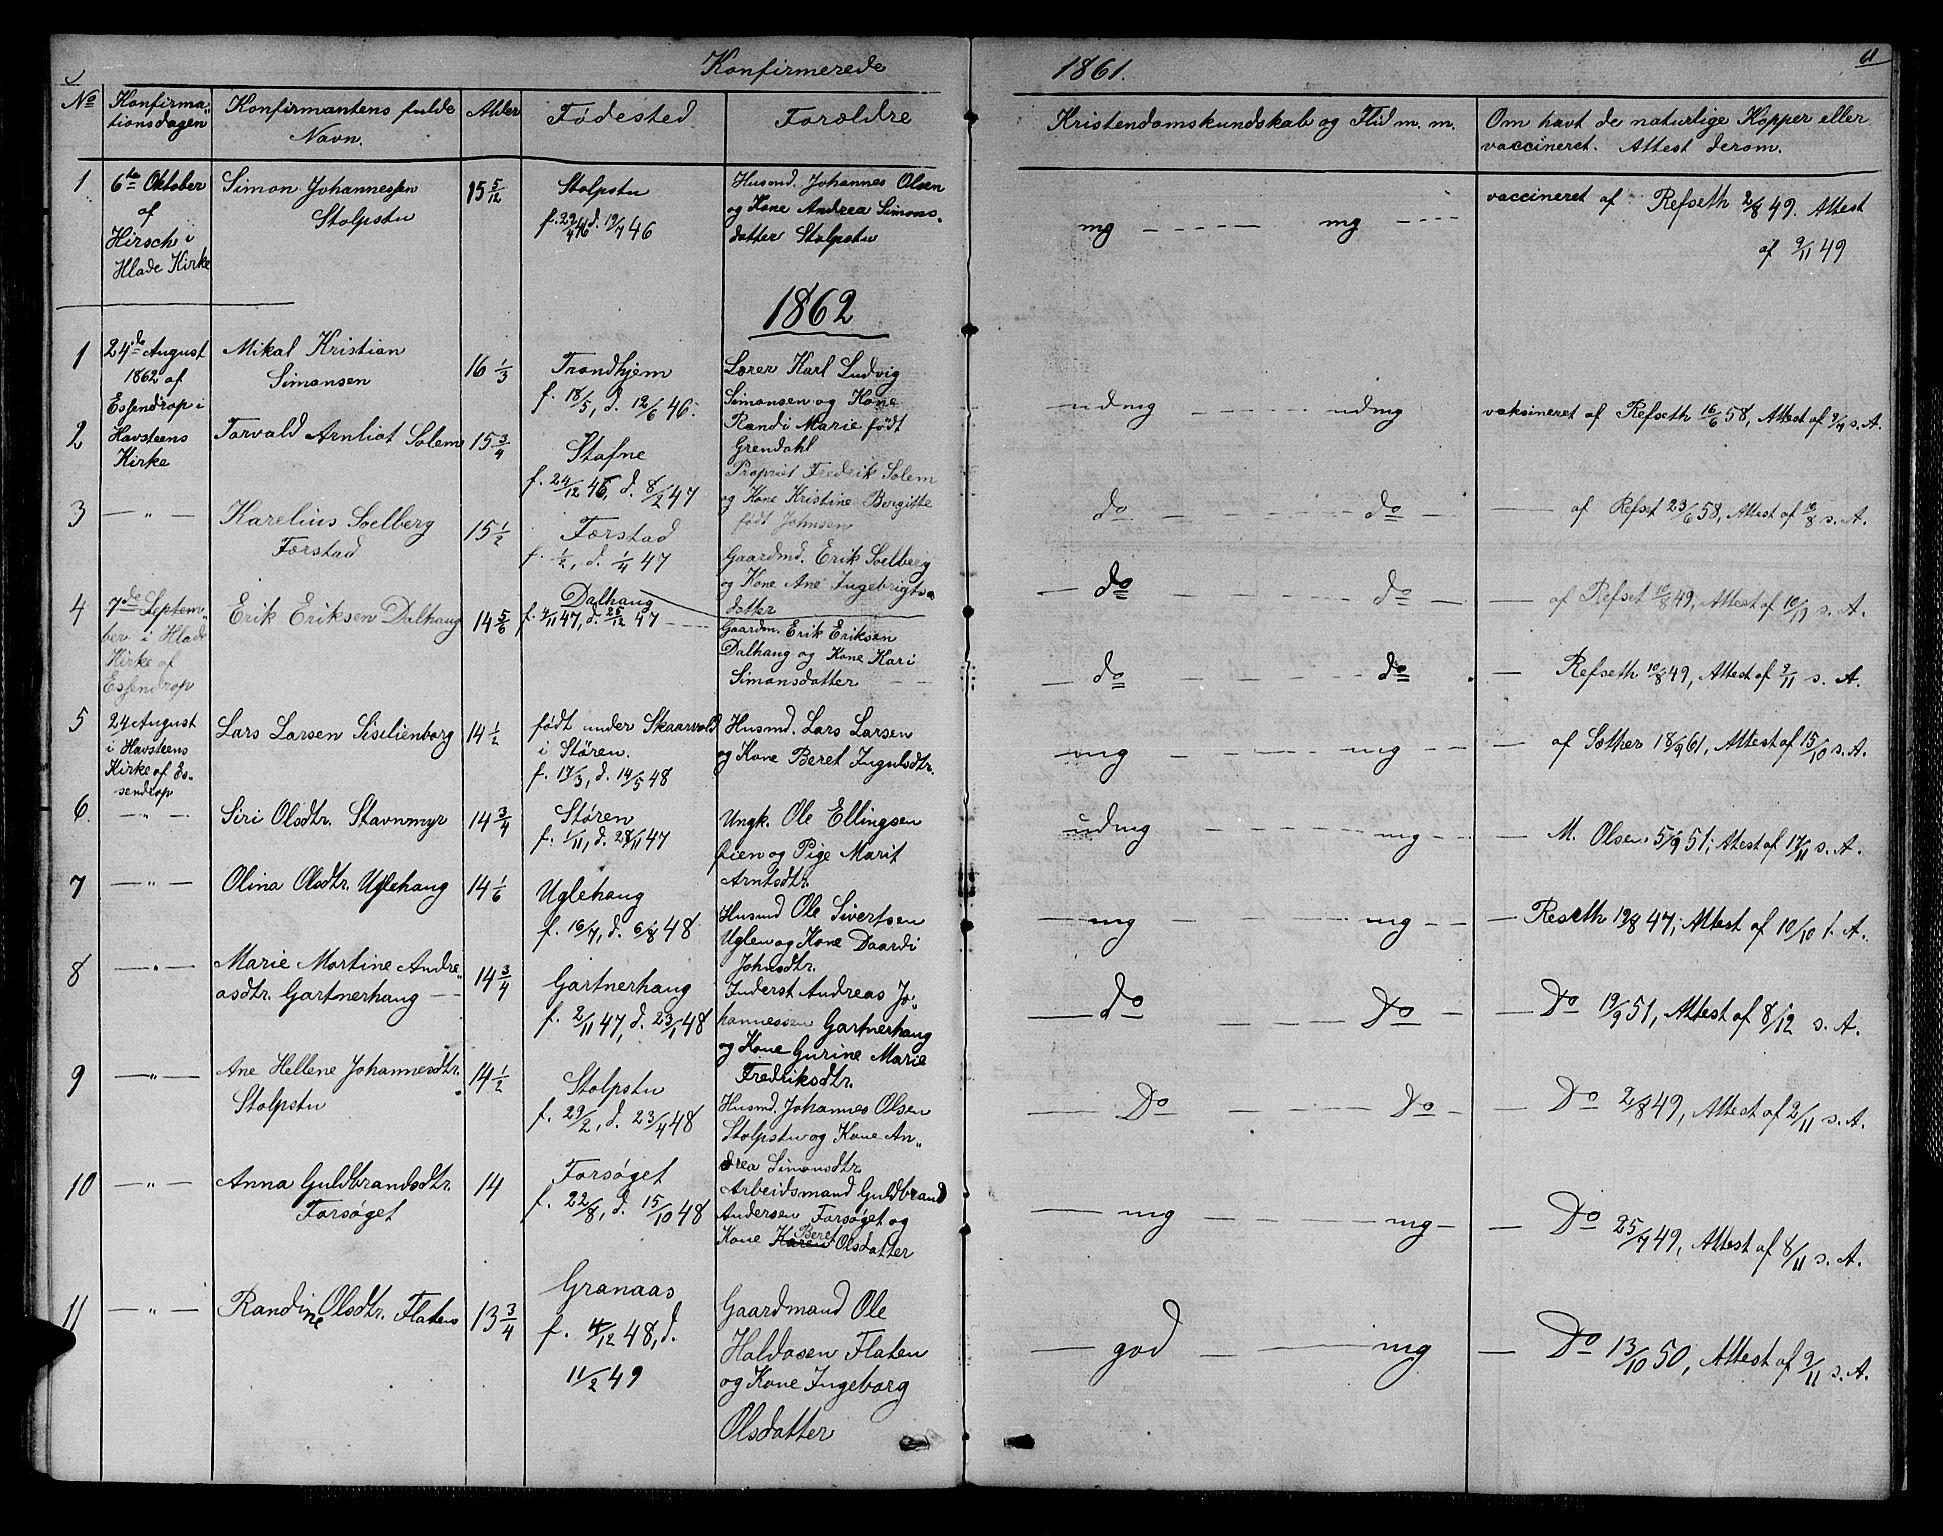 SAT, Ministerialprotokoller, klokkerbøker og fødselsregistre - Sør-Trøndelag, 611/L0353: Klokkerbok nr. 611C01, 1854-1881, s. 61